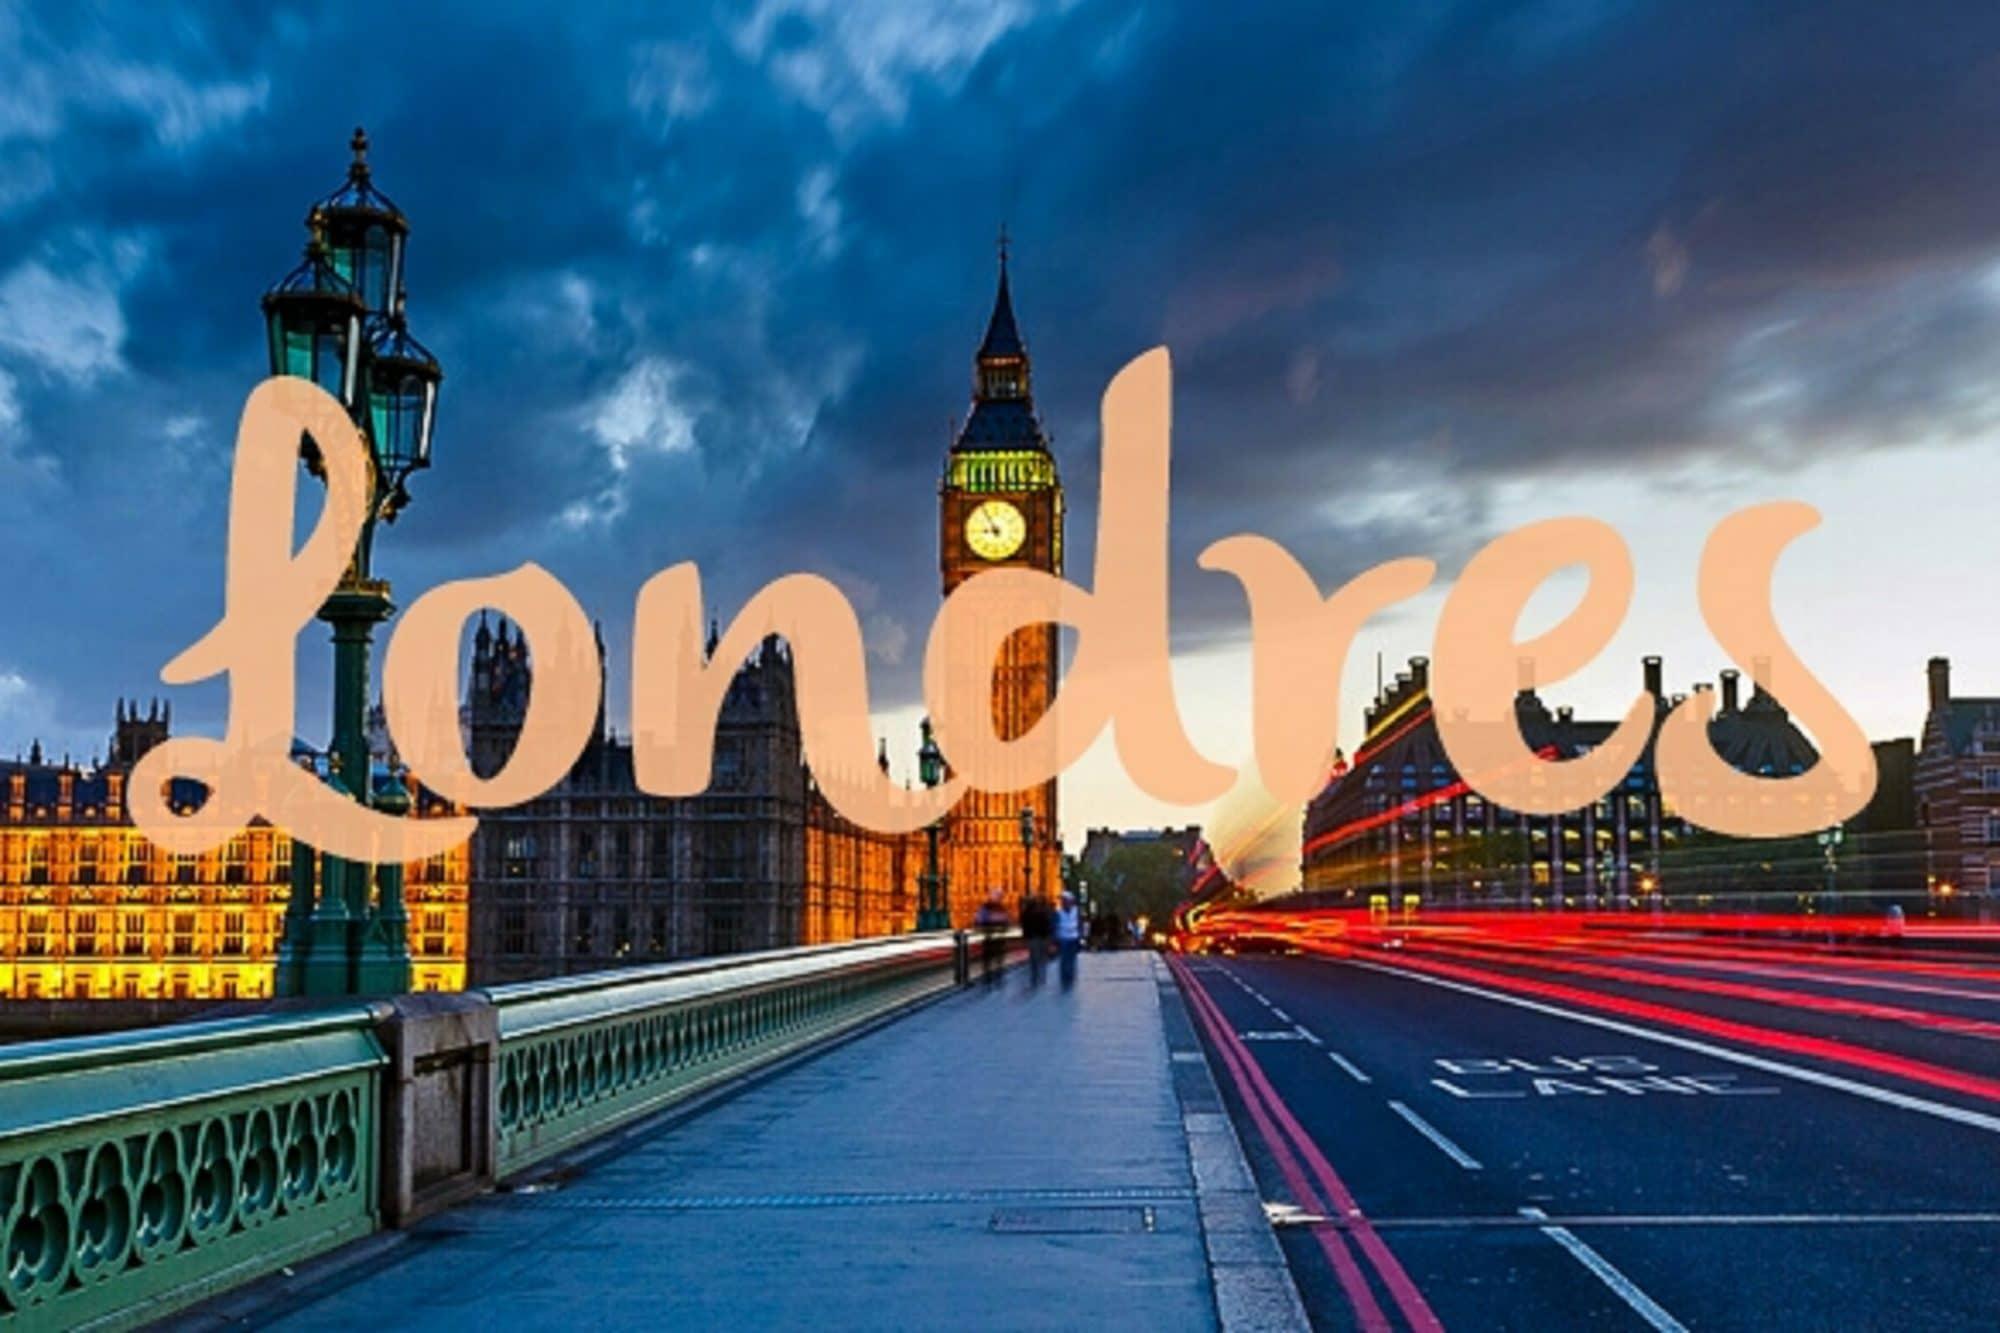 Appart hôtel Londres : pourquoi choisir cette ville comme destination ?